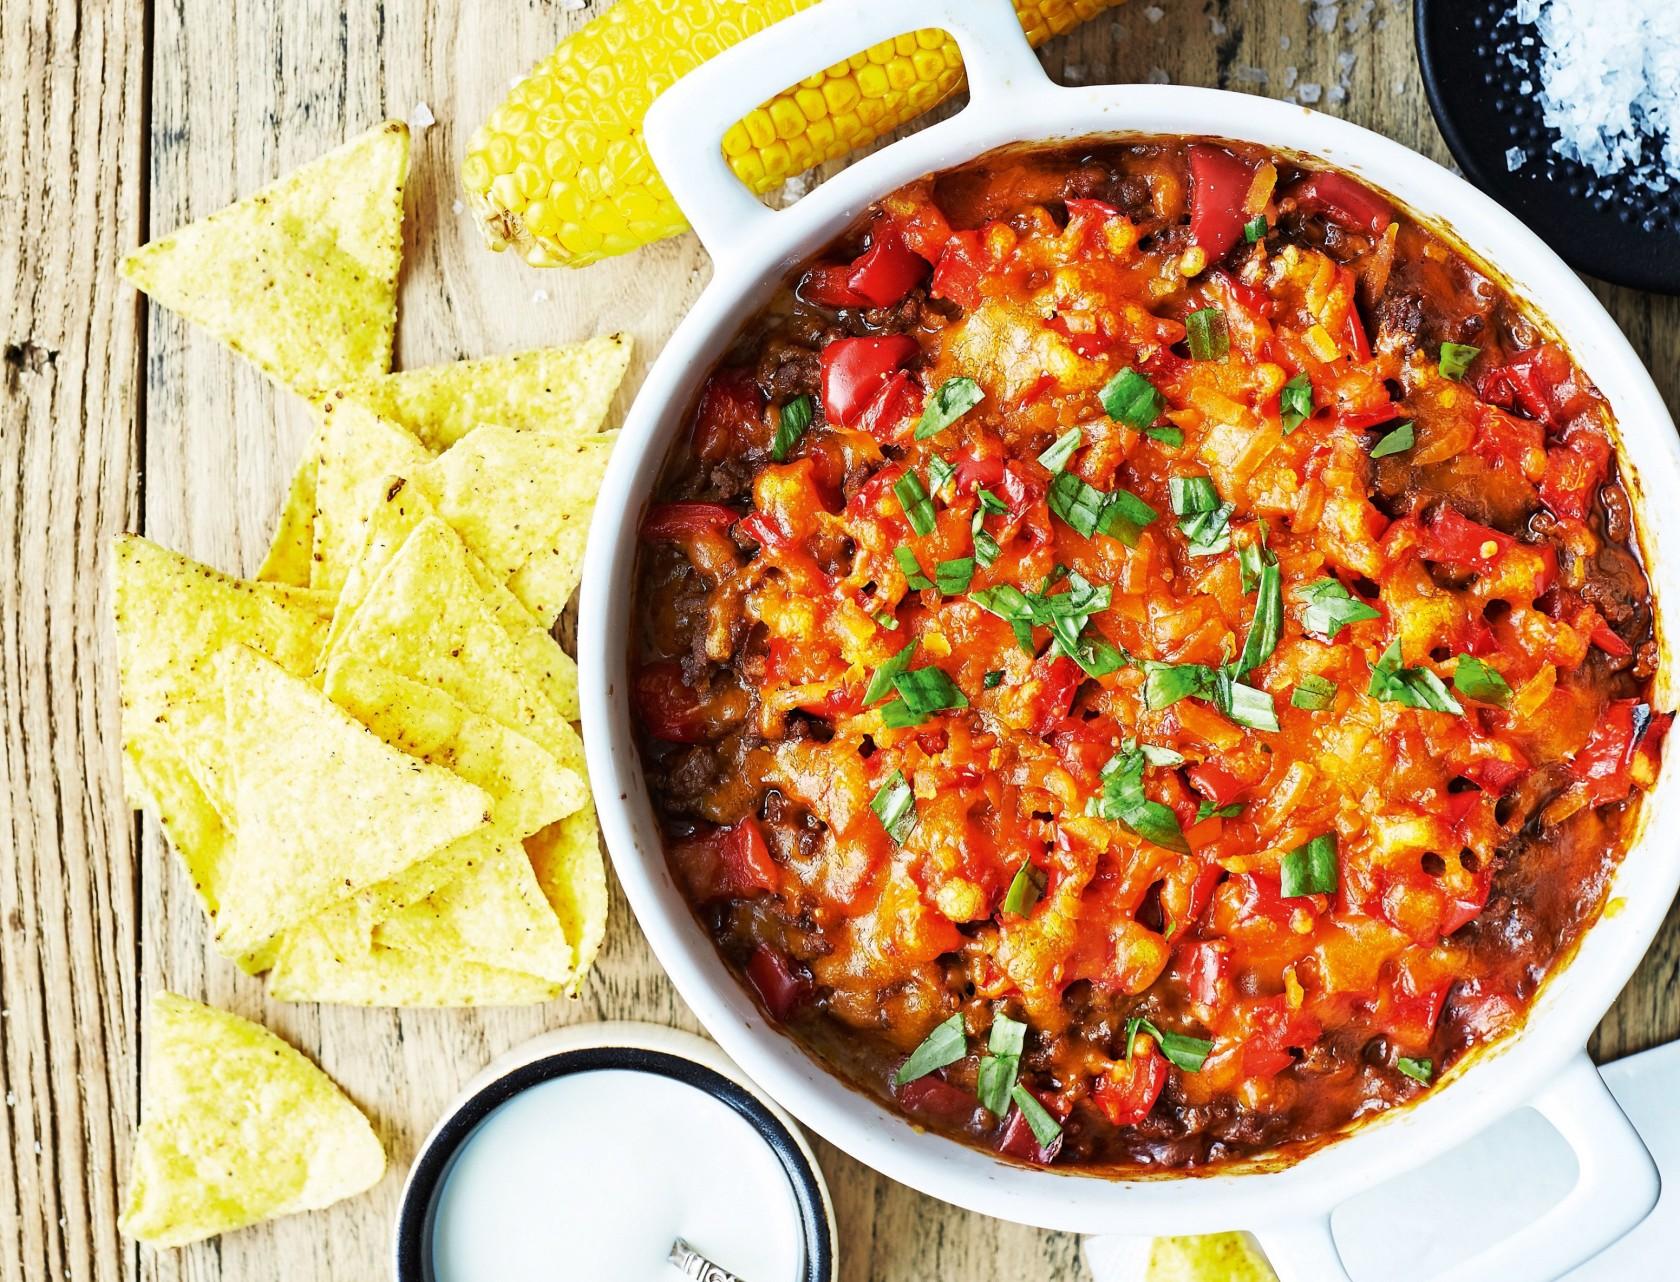 Mexicansk oksekød i fad med majskolber og tortillachips - virkelig lækker opskrift på fastfood!